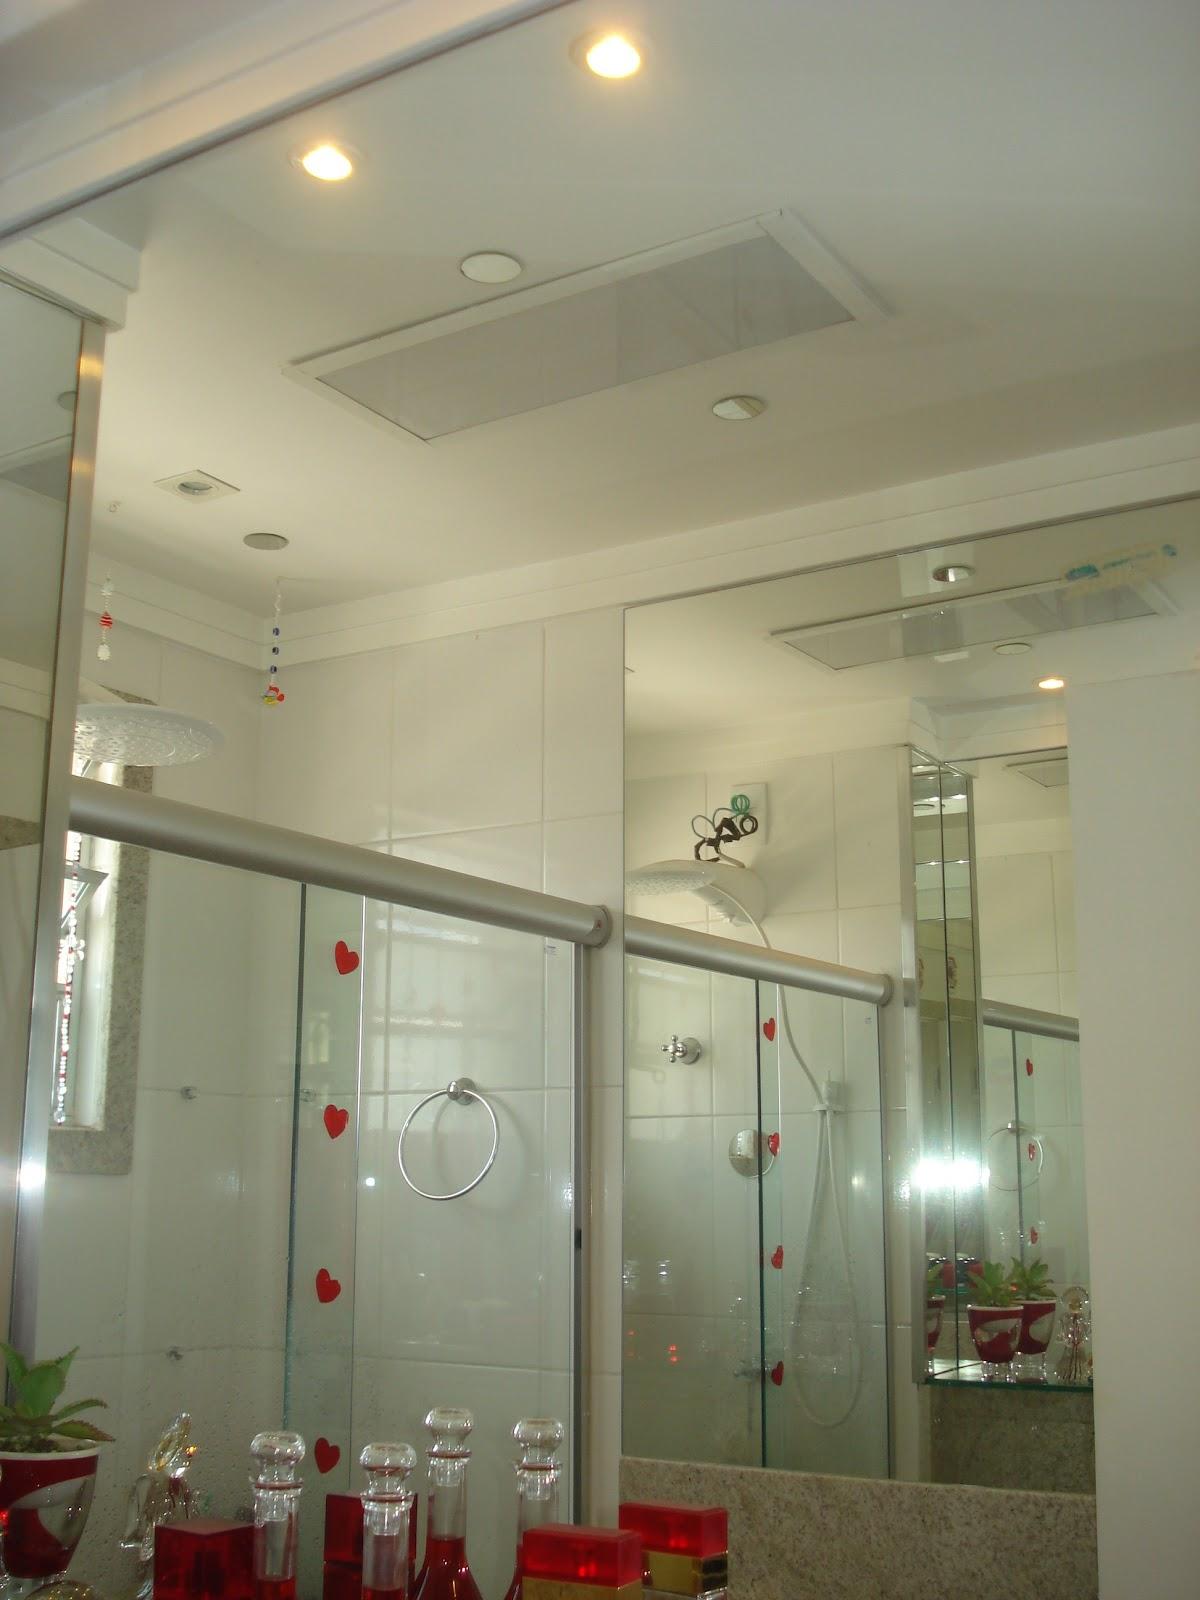 decoracao teto banheiro: teto para equilibrar energia dos banheiros  #613B29 1200x1600 Banheiro Azulejo Ate O Teto